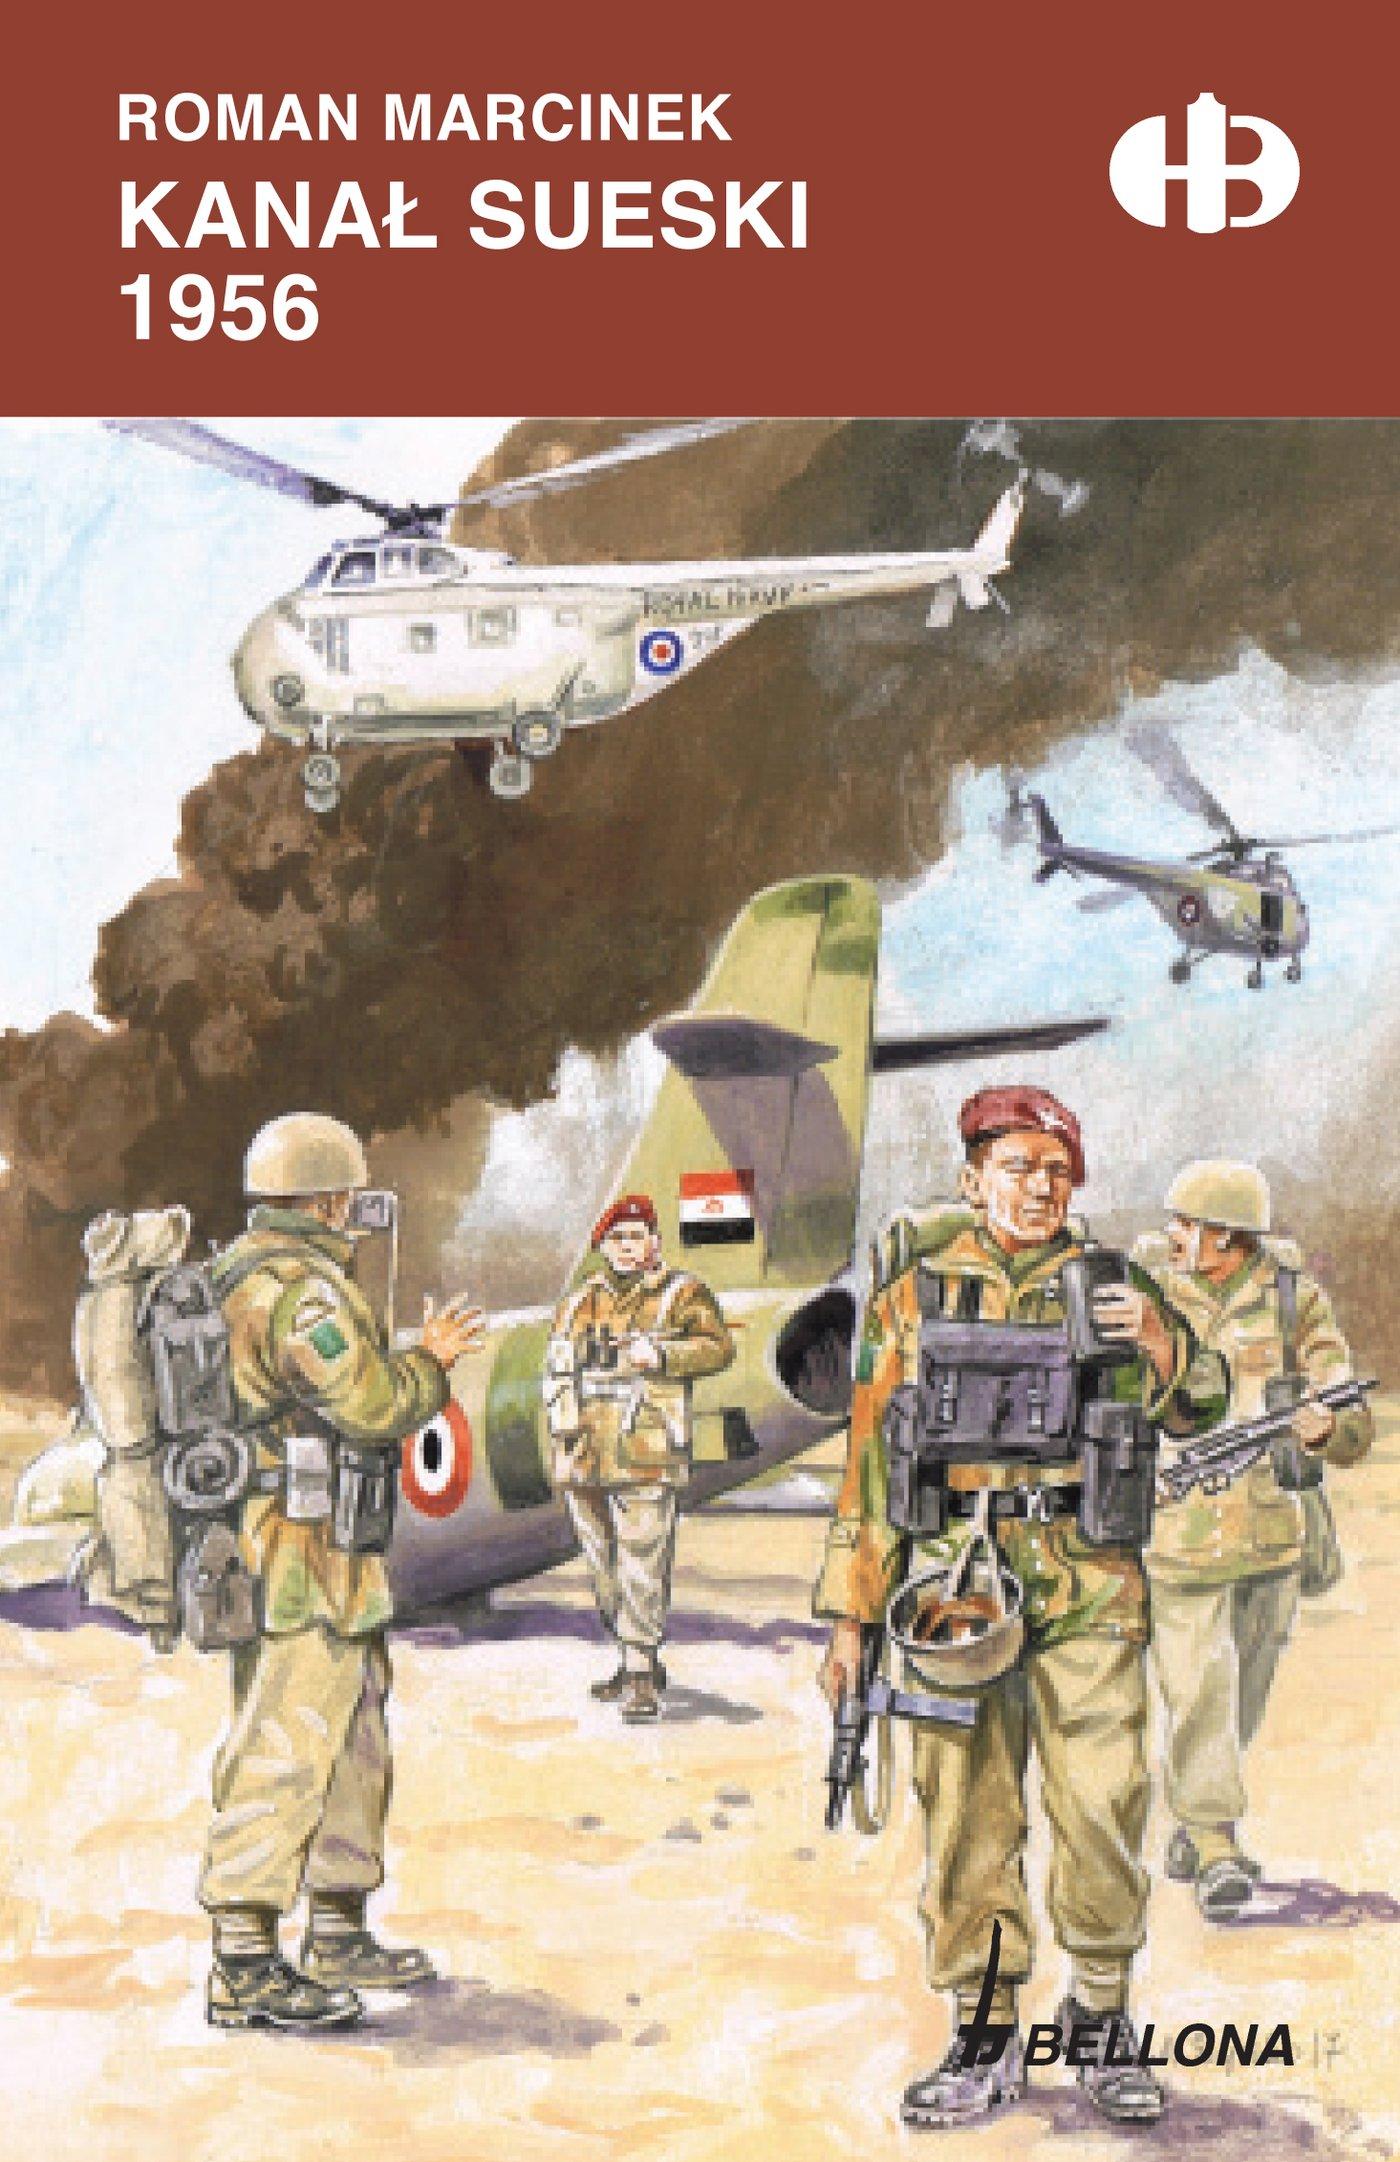 Kanał Sueski 1956 - Ebook (Książka EPUB) do pobrania w formacie EPUB